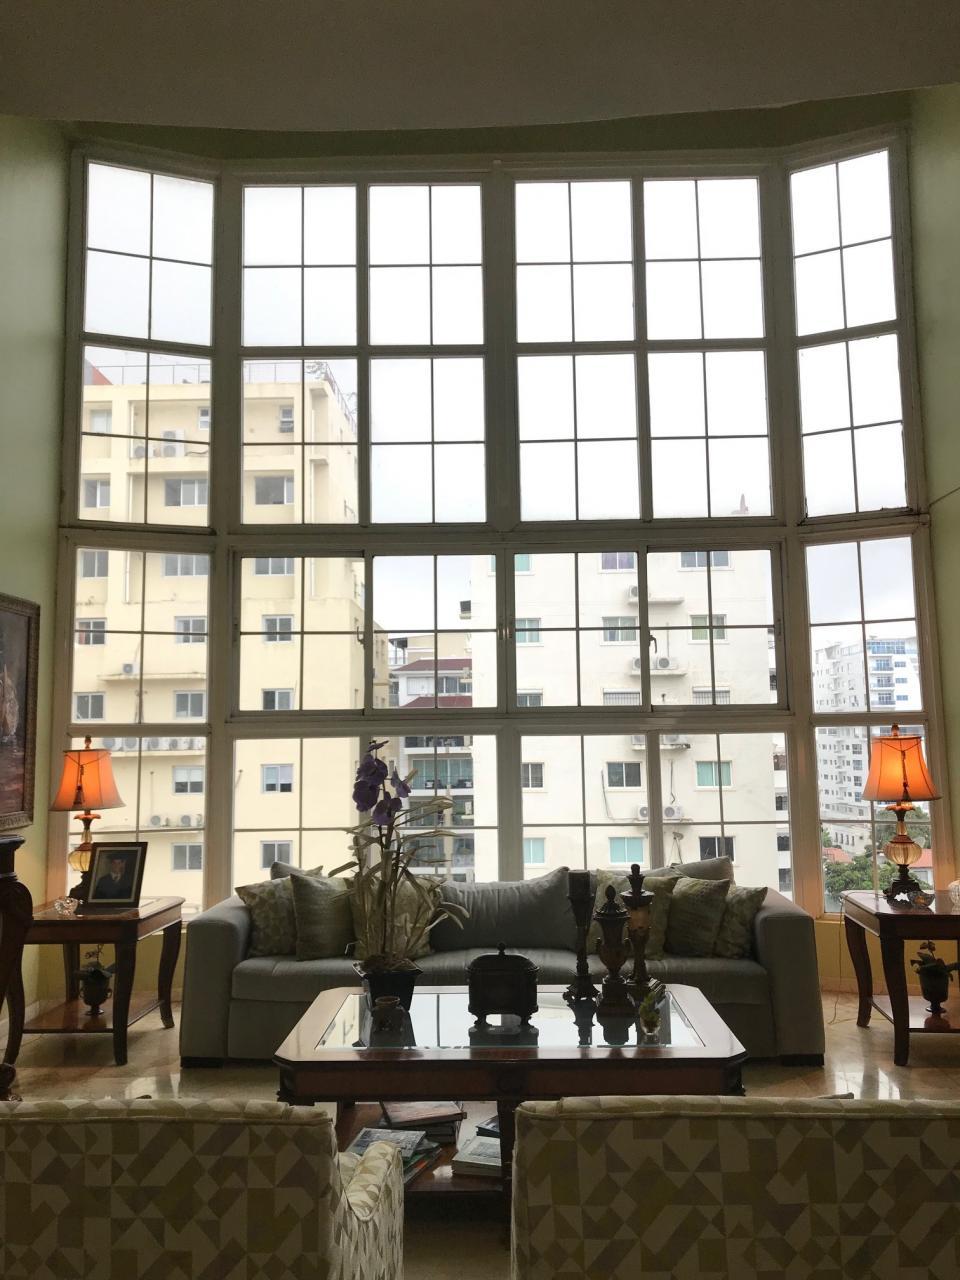 Penthouse en venta en el sector ENSANCHE SERRALLES precio US$ 470,000.00 US$470,000